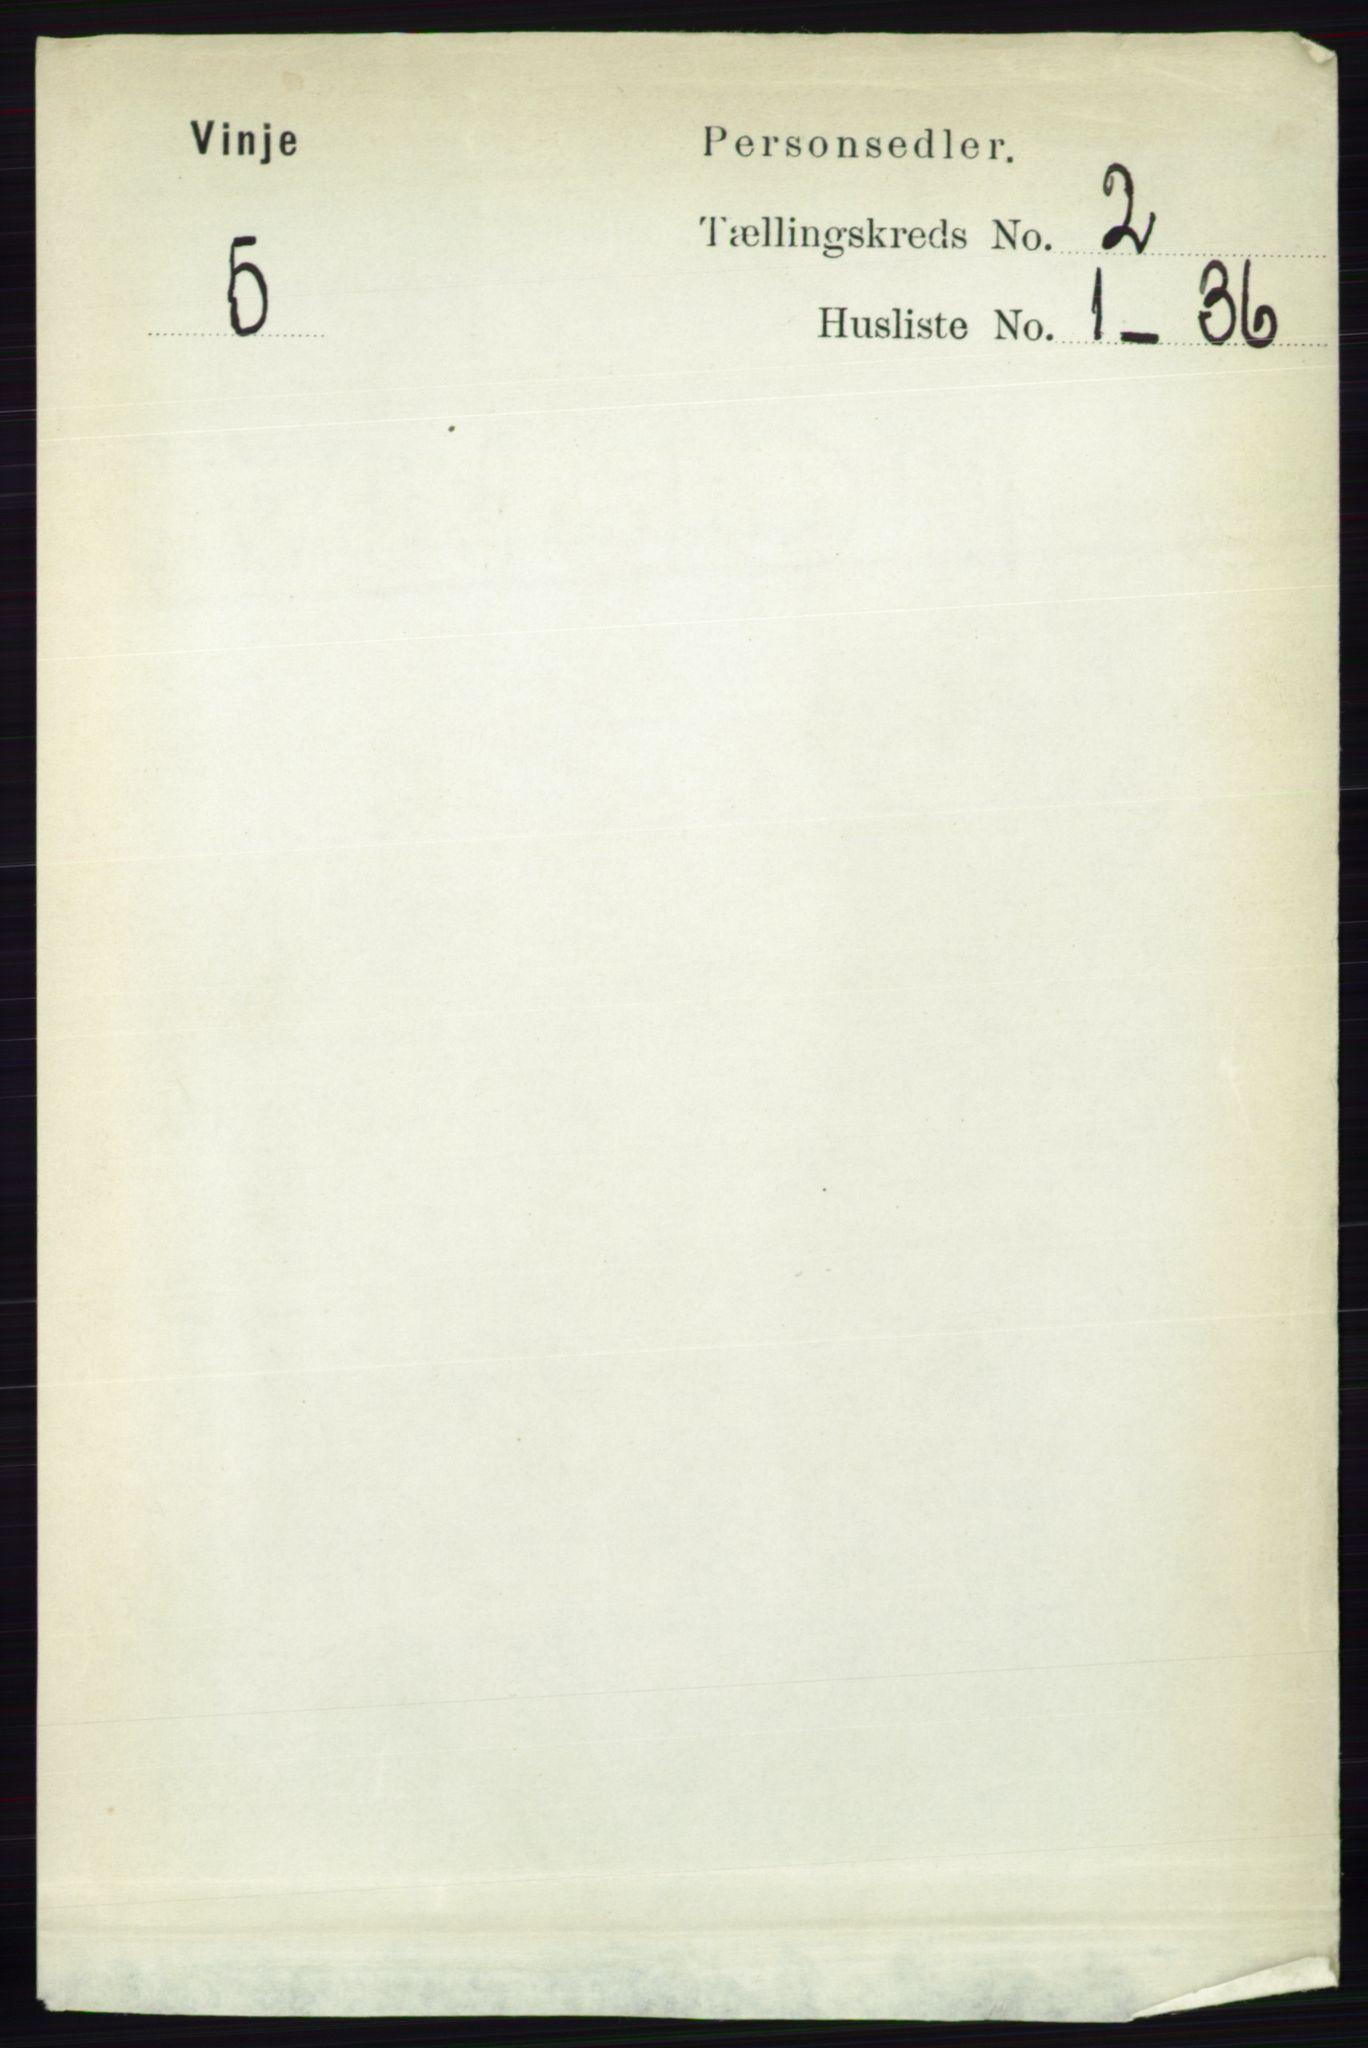 RA, Folketelling 1891 for 0834 Vinje herred, 1891, s. 355